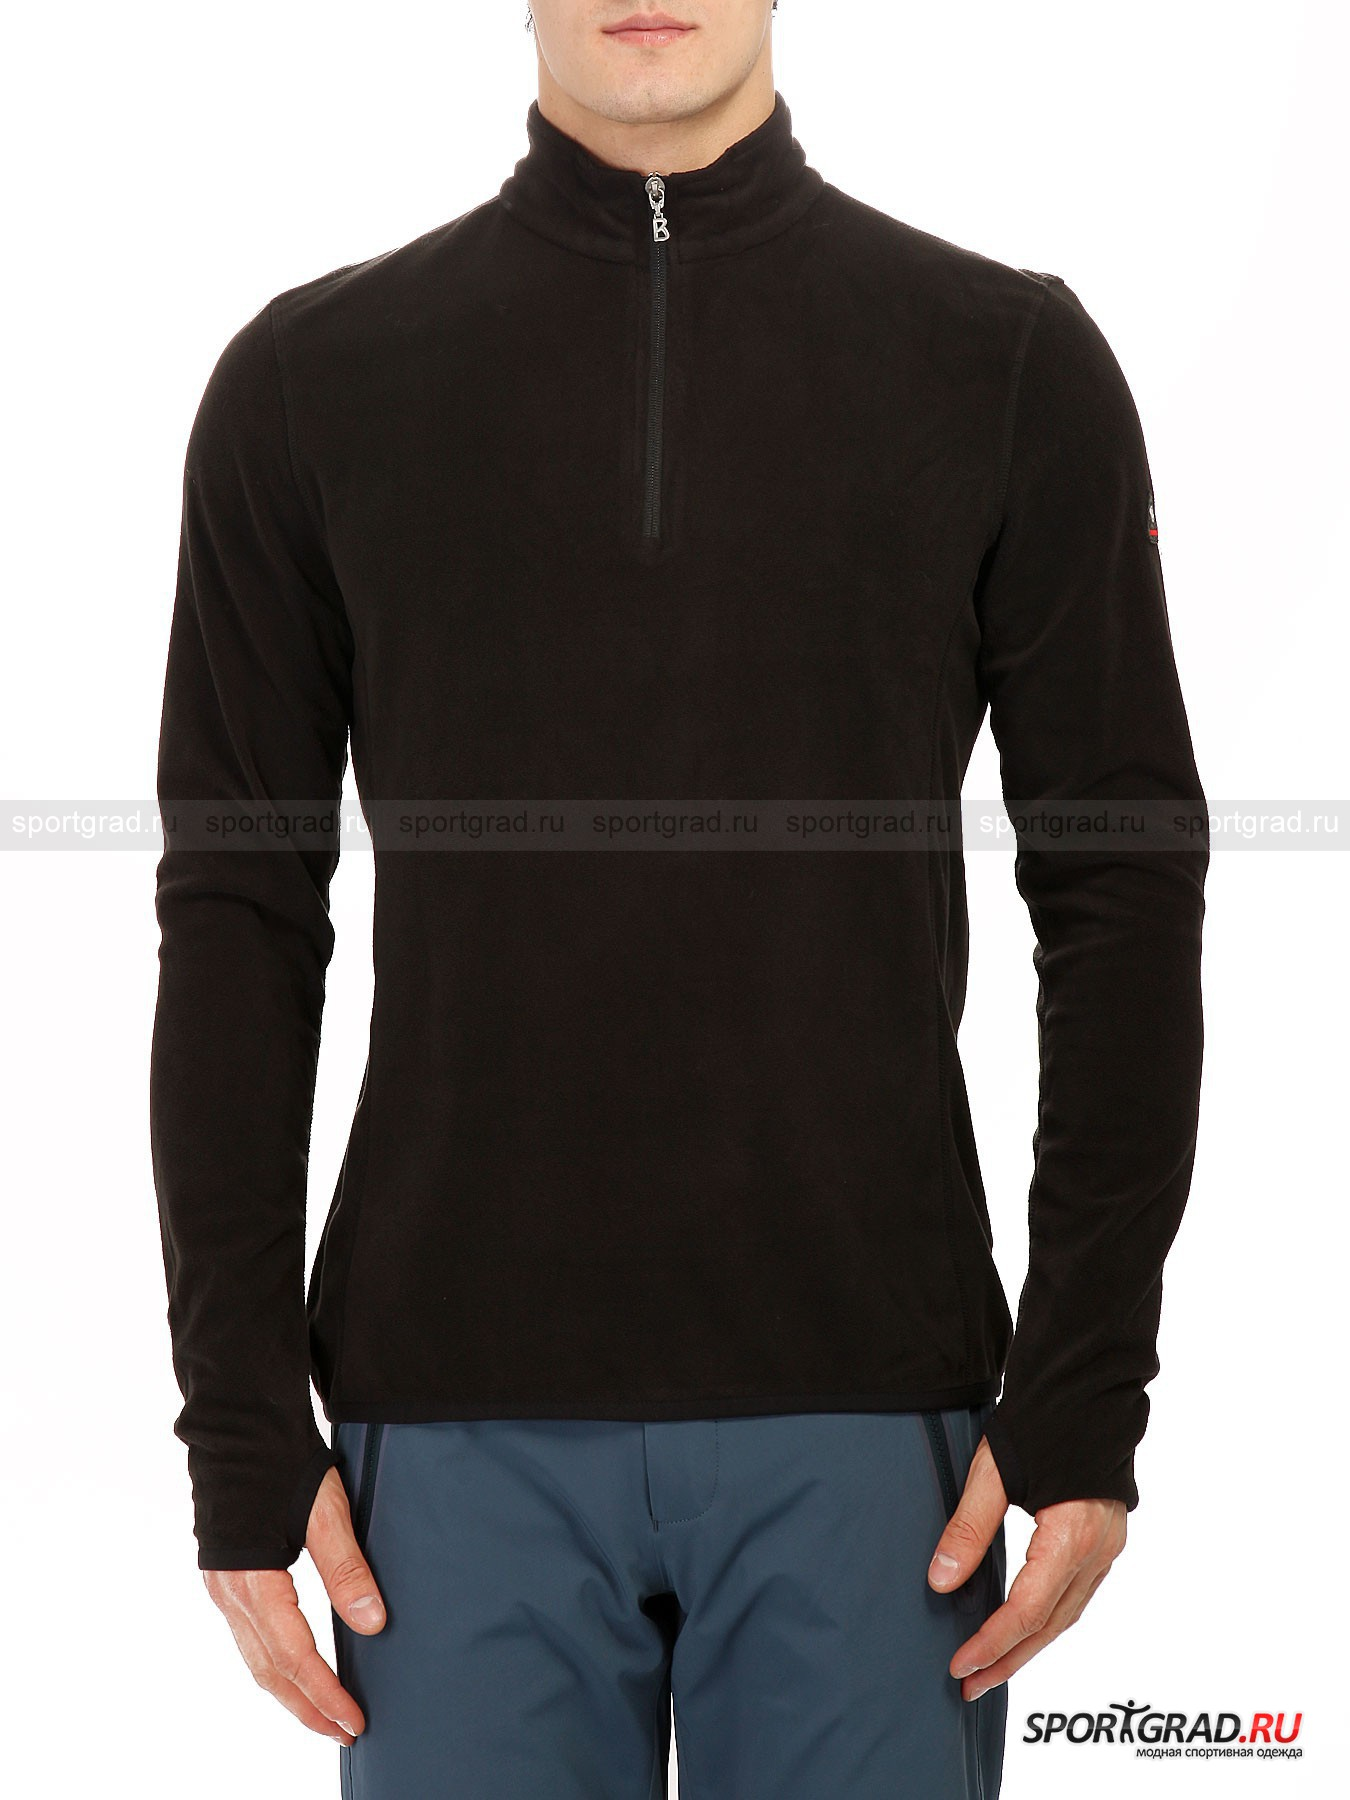 Джемперы и свитеры интернет магазин